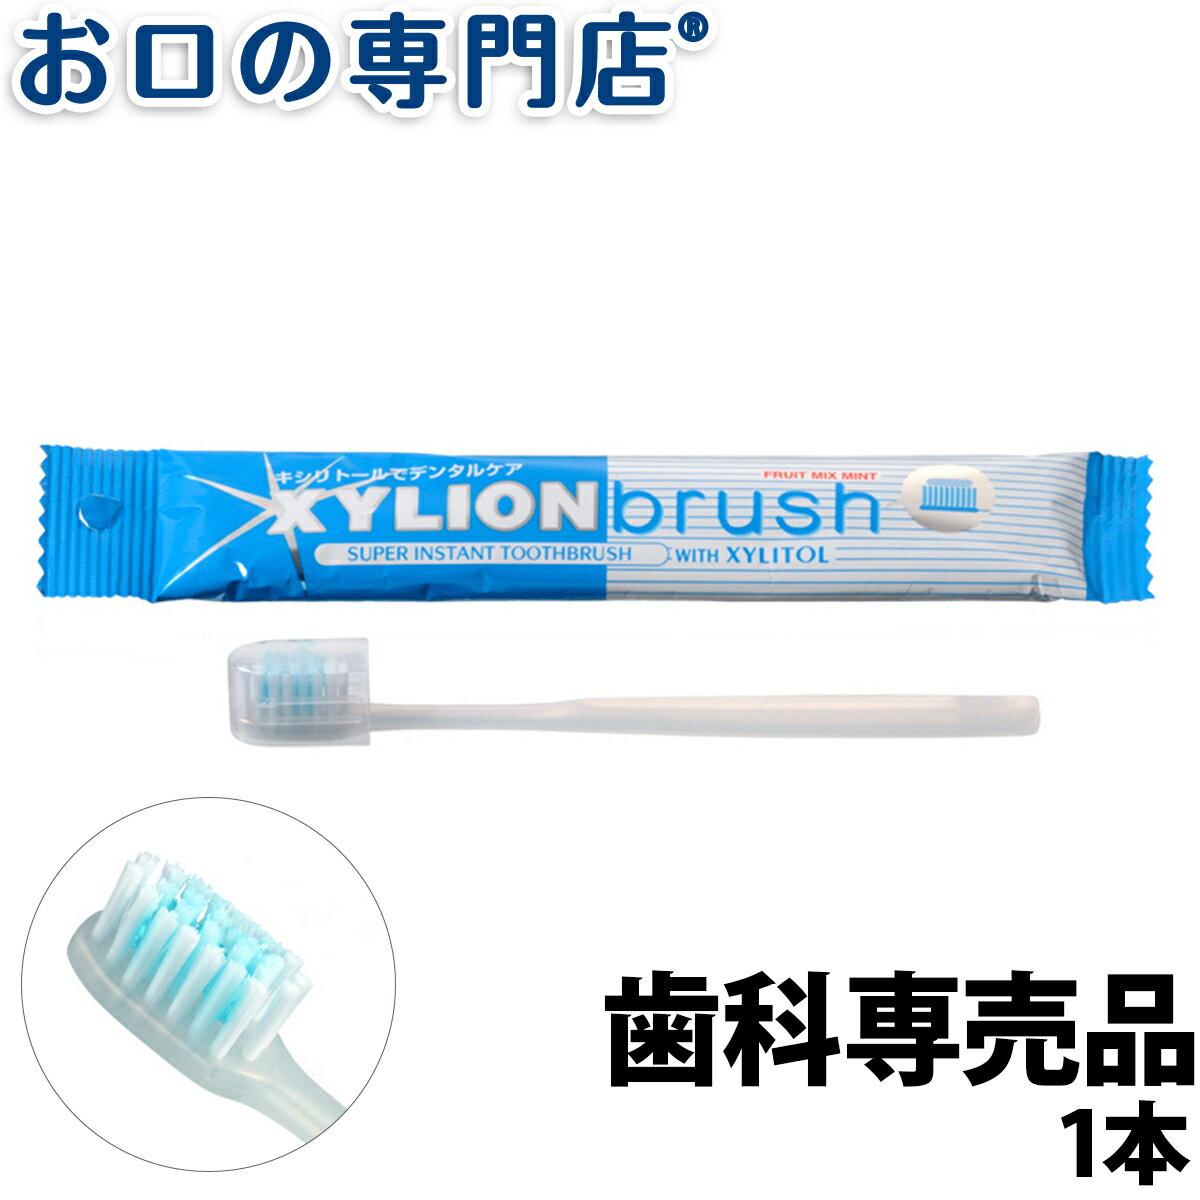 キシリオンブラシ(XYLION brush) 1本【メール便OK】 ハブラシ/歯ブラシ